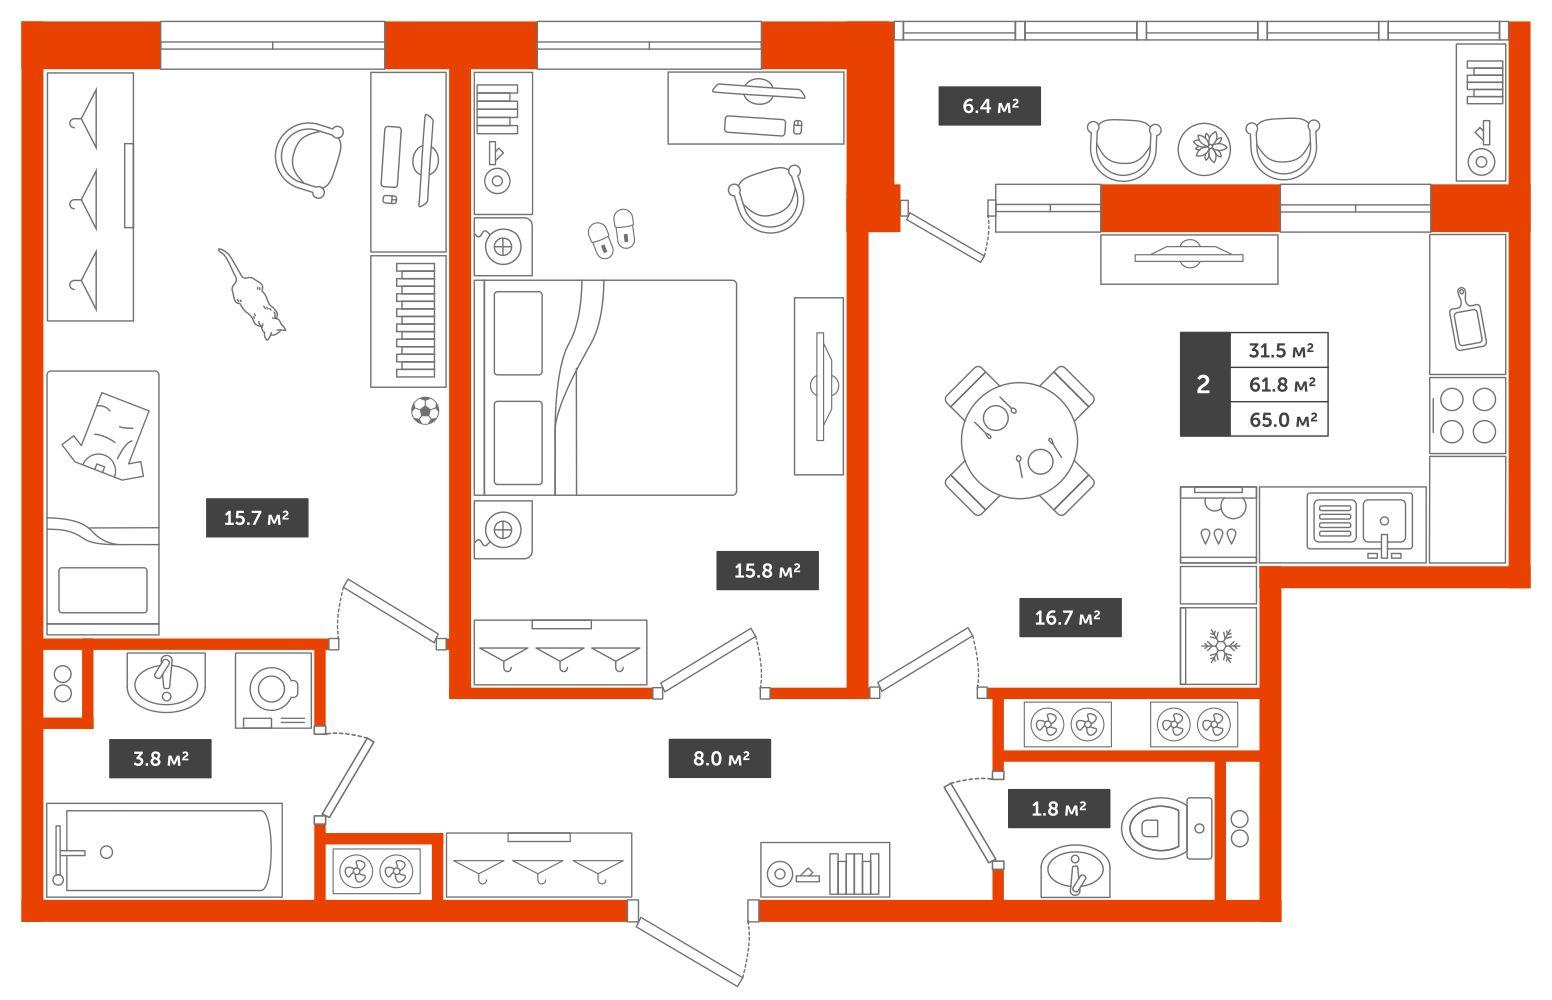 2-комнатная квартира, 65м² за 6,2 млн руб.